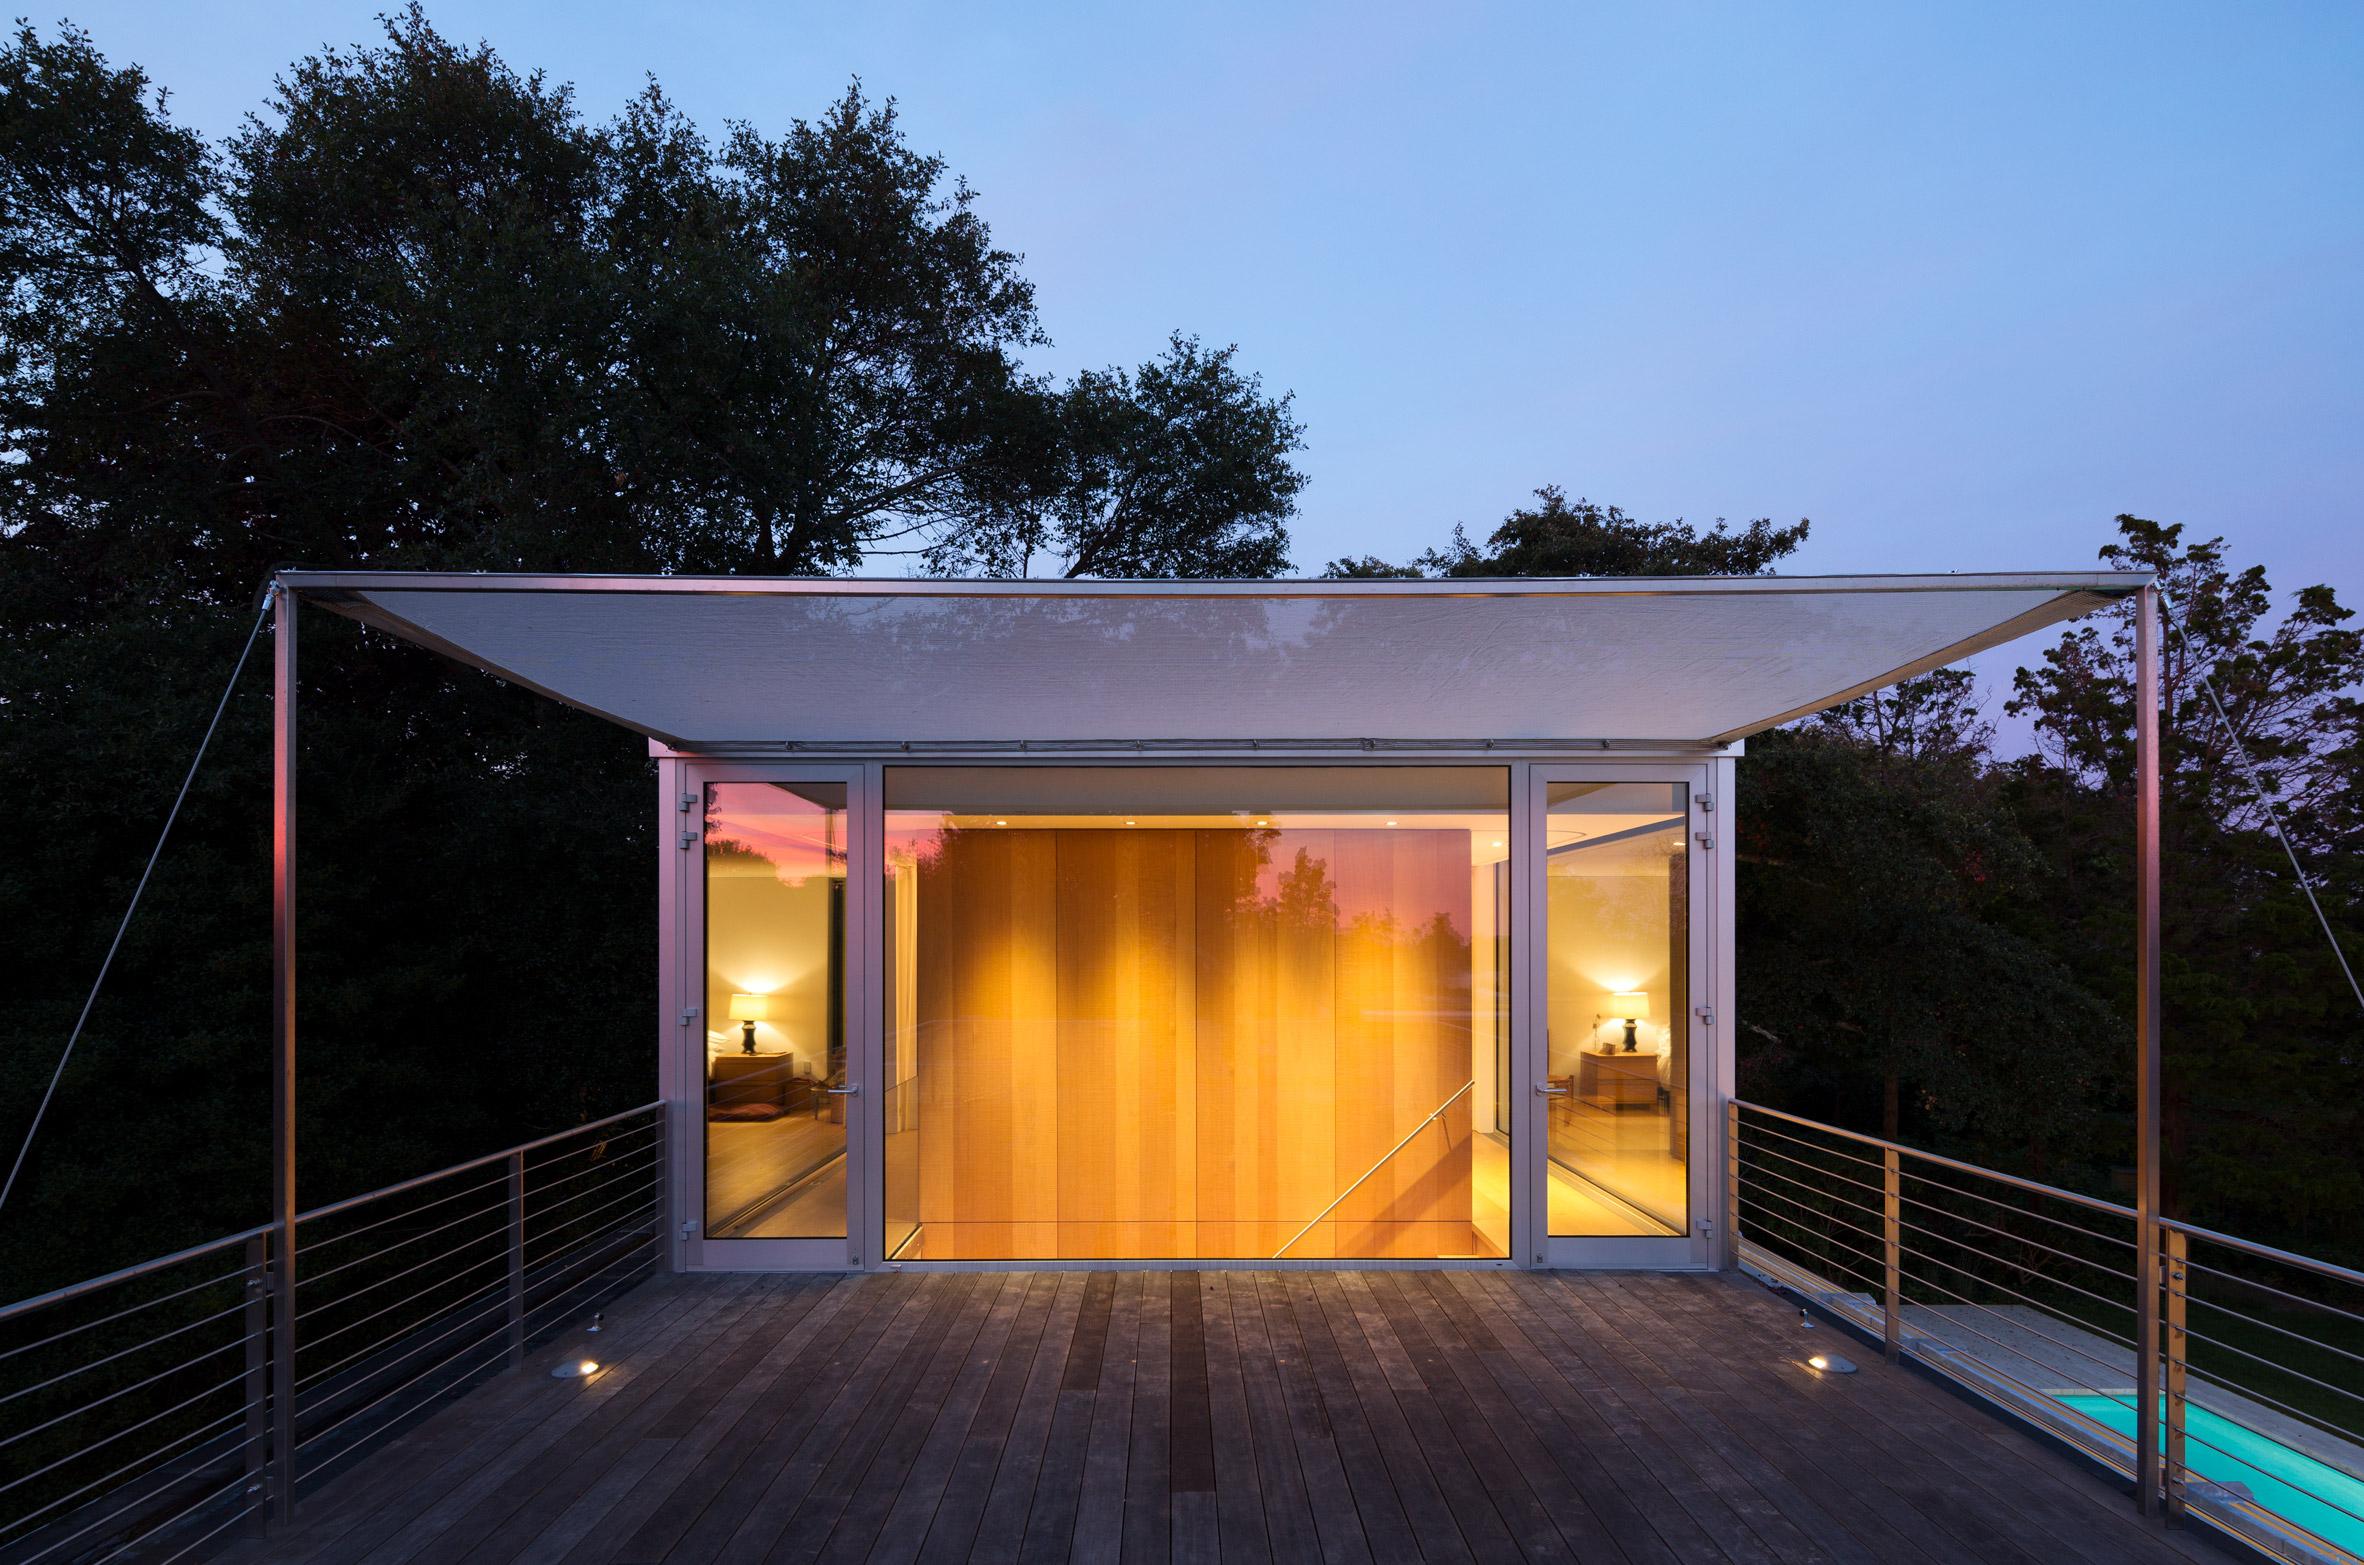 Bellport House by Toshihiro Oki